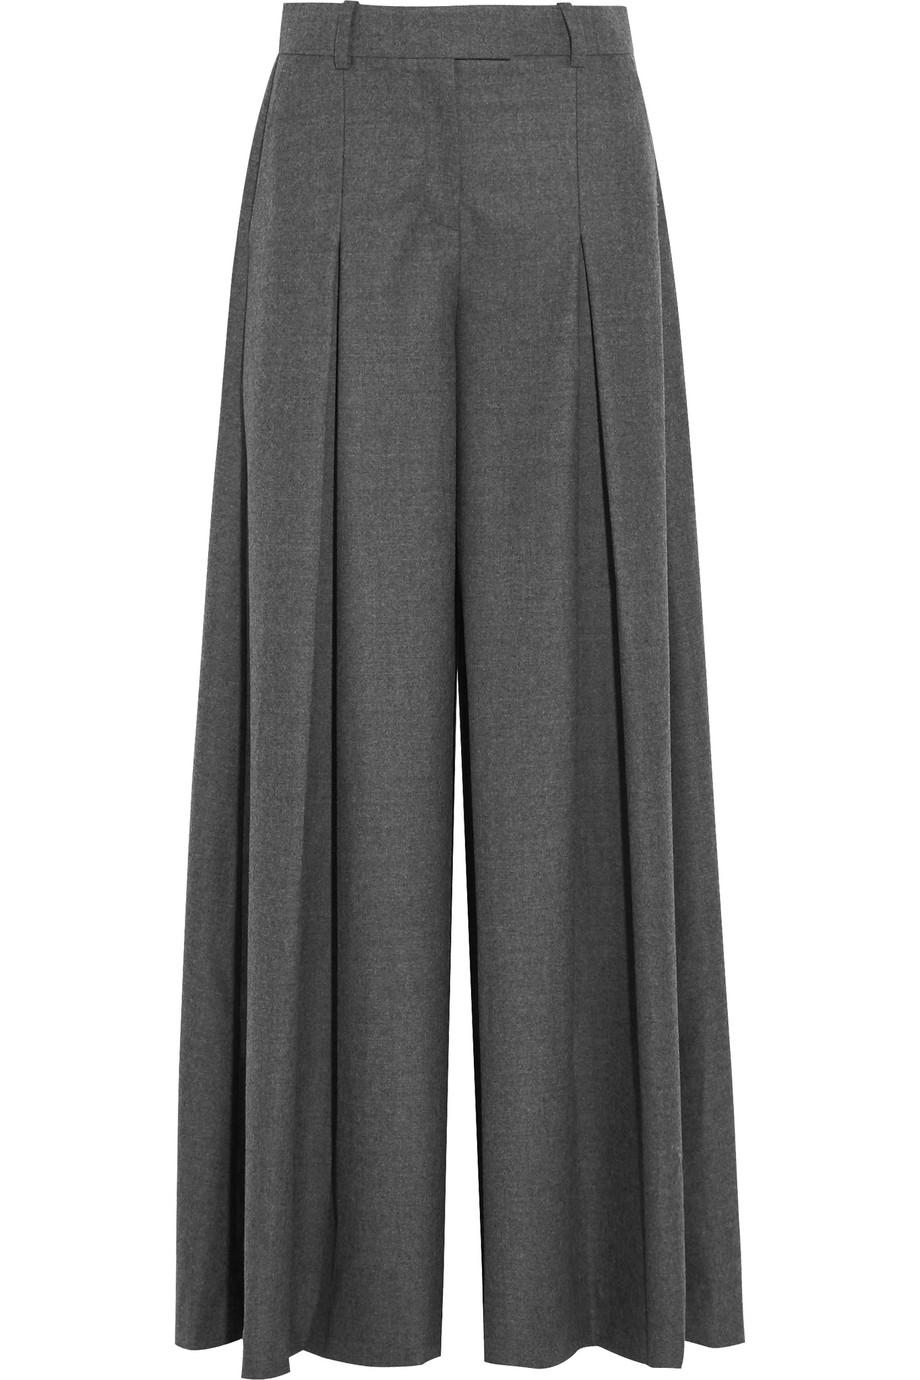 J.Crew Mia Wool-Flannel Wide-Leg Pants, Gray, Women's, Size: 8